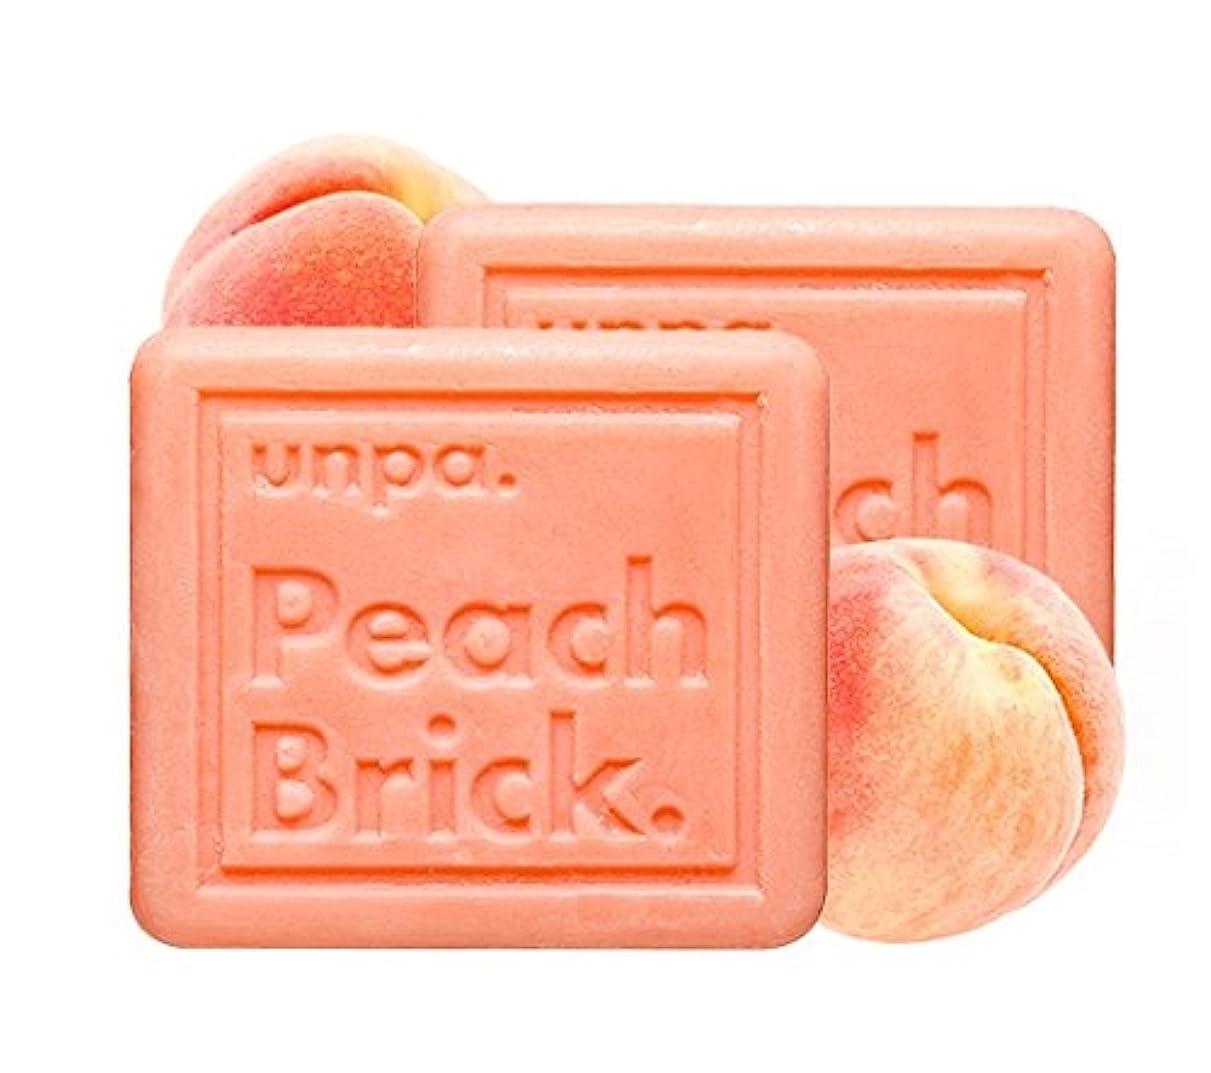 動くタブレット吸収unpa ピッチ?ブリック?トンアップ?ソープ(Peach Brick Tone-Up Soap)